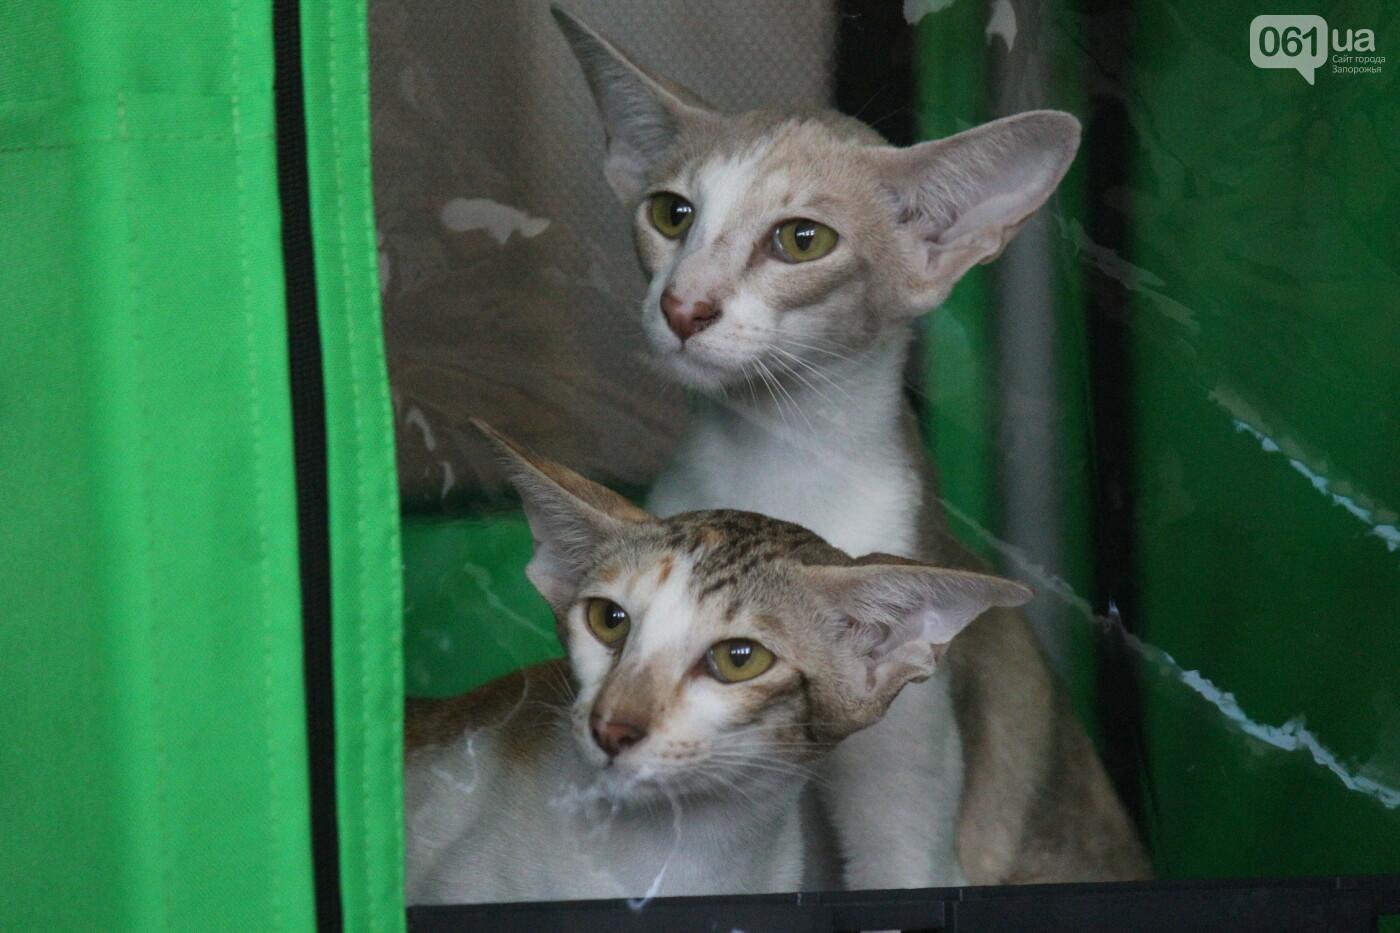 В Запорожье на выставке кошек показали 130 питомцев со всей Украины, – ФОТОРЕПОРТАЖ, фото-34